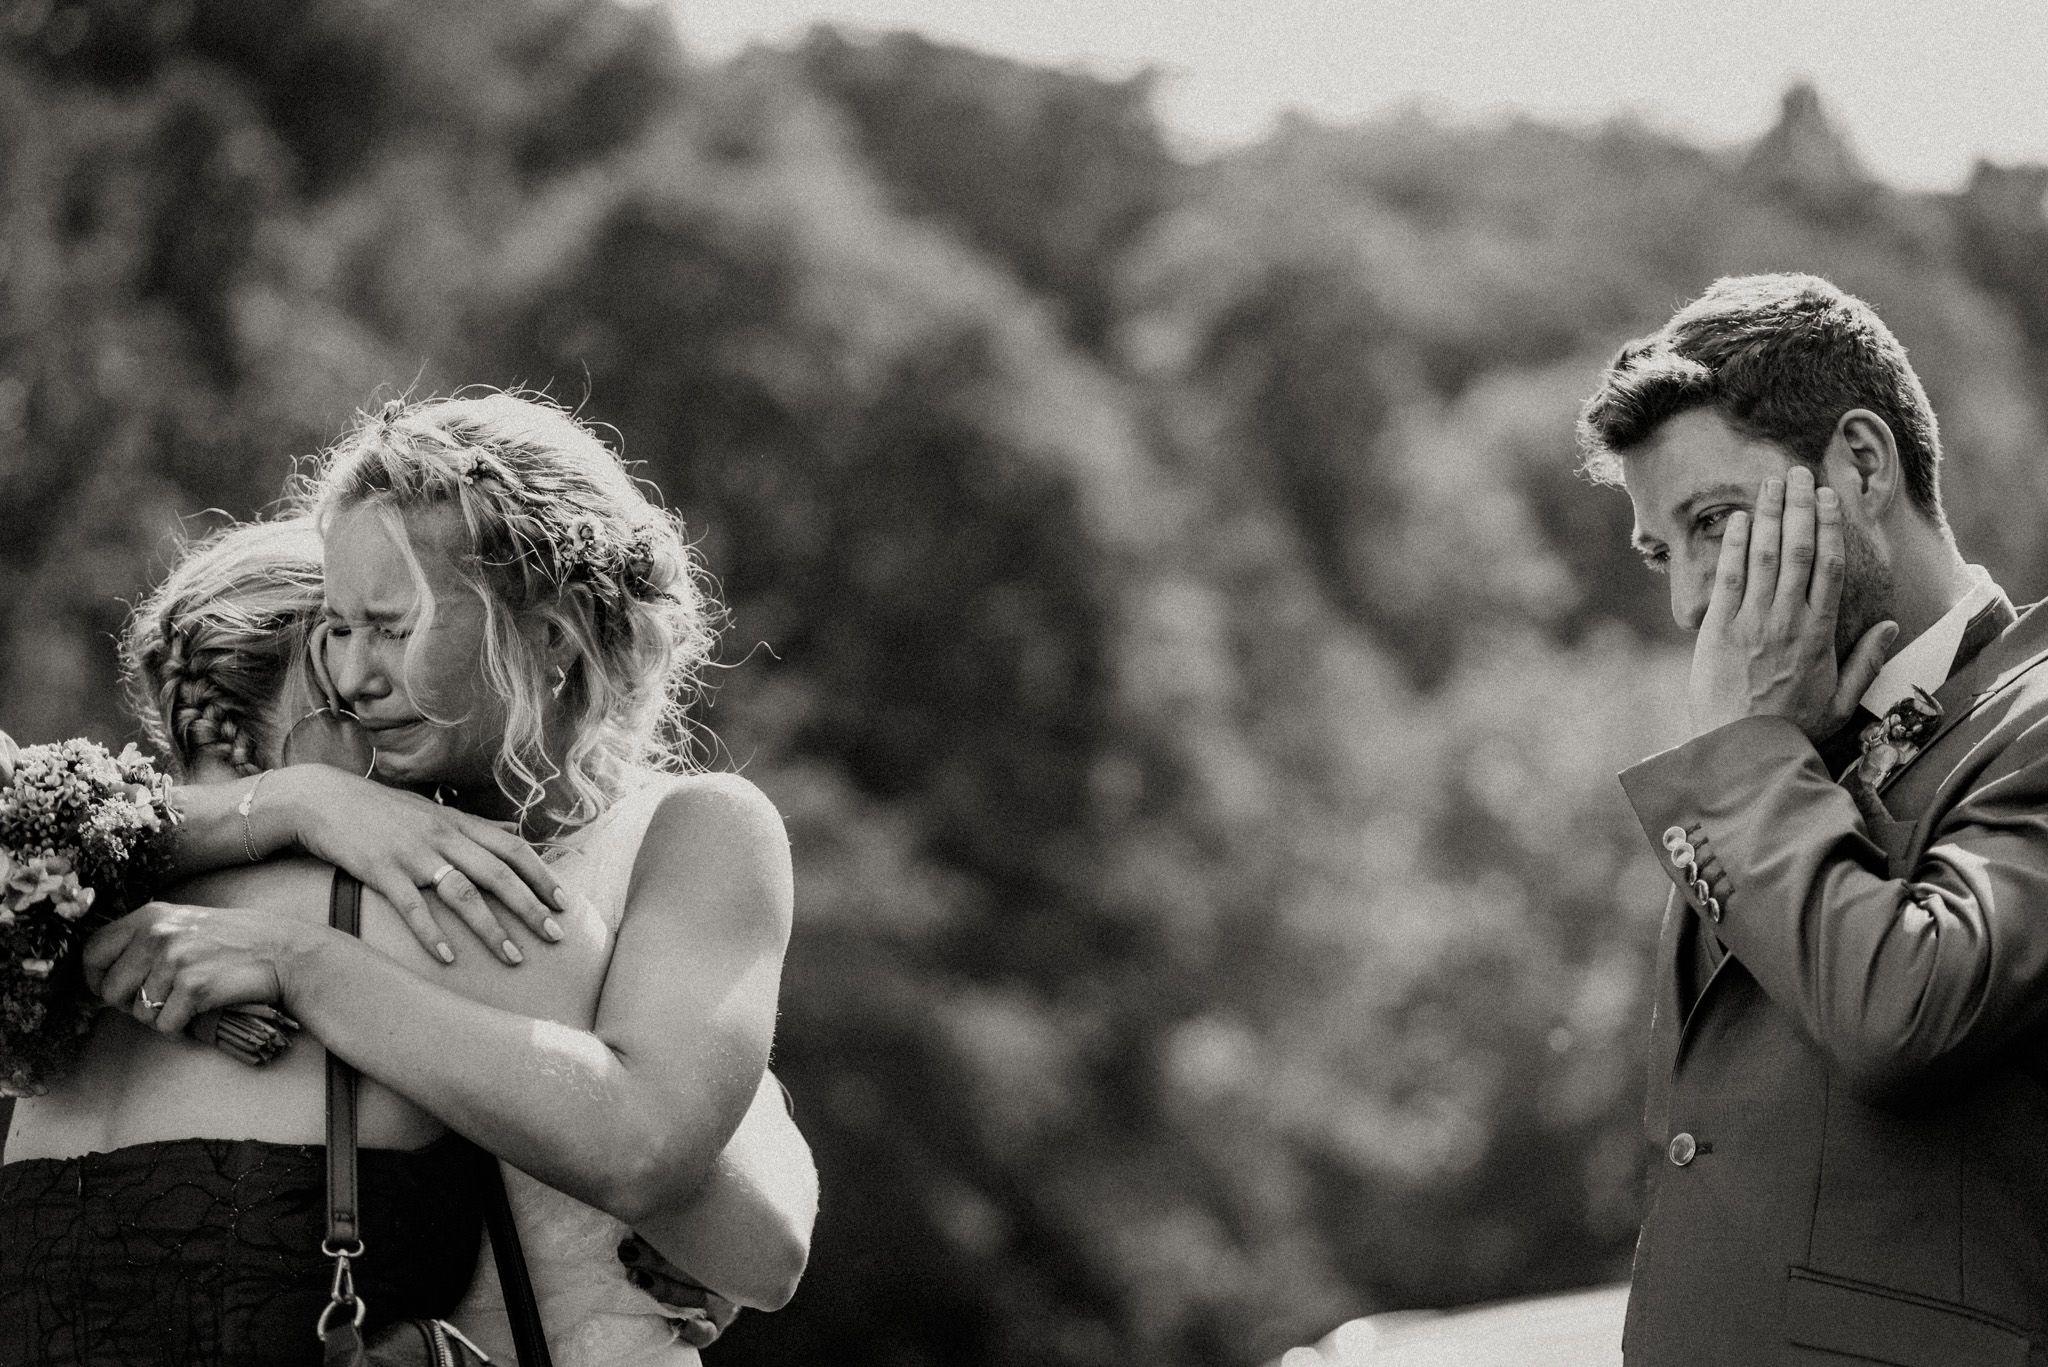 Emotionaler Moment nach der herzergreifenden freien Trauung bei der Sommer Zelt Hochzeit von Janine